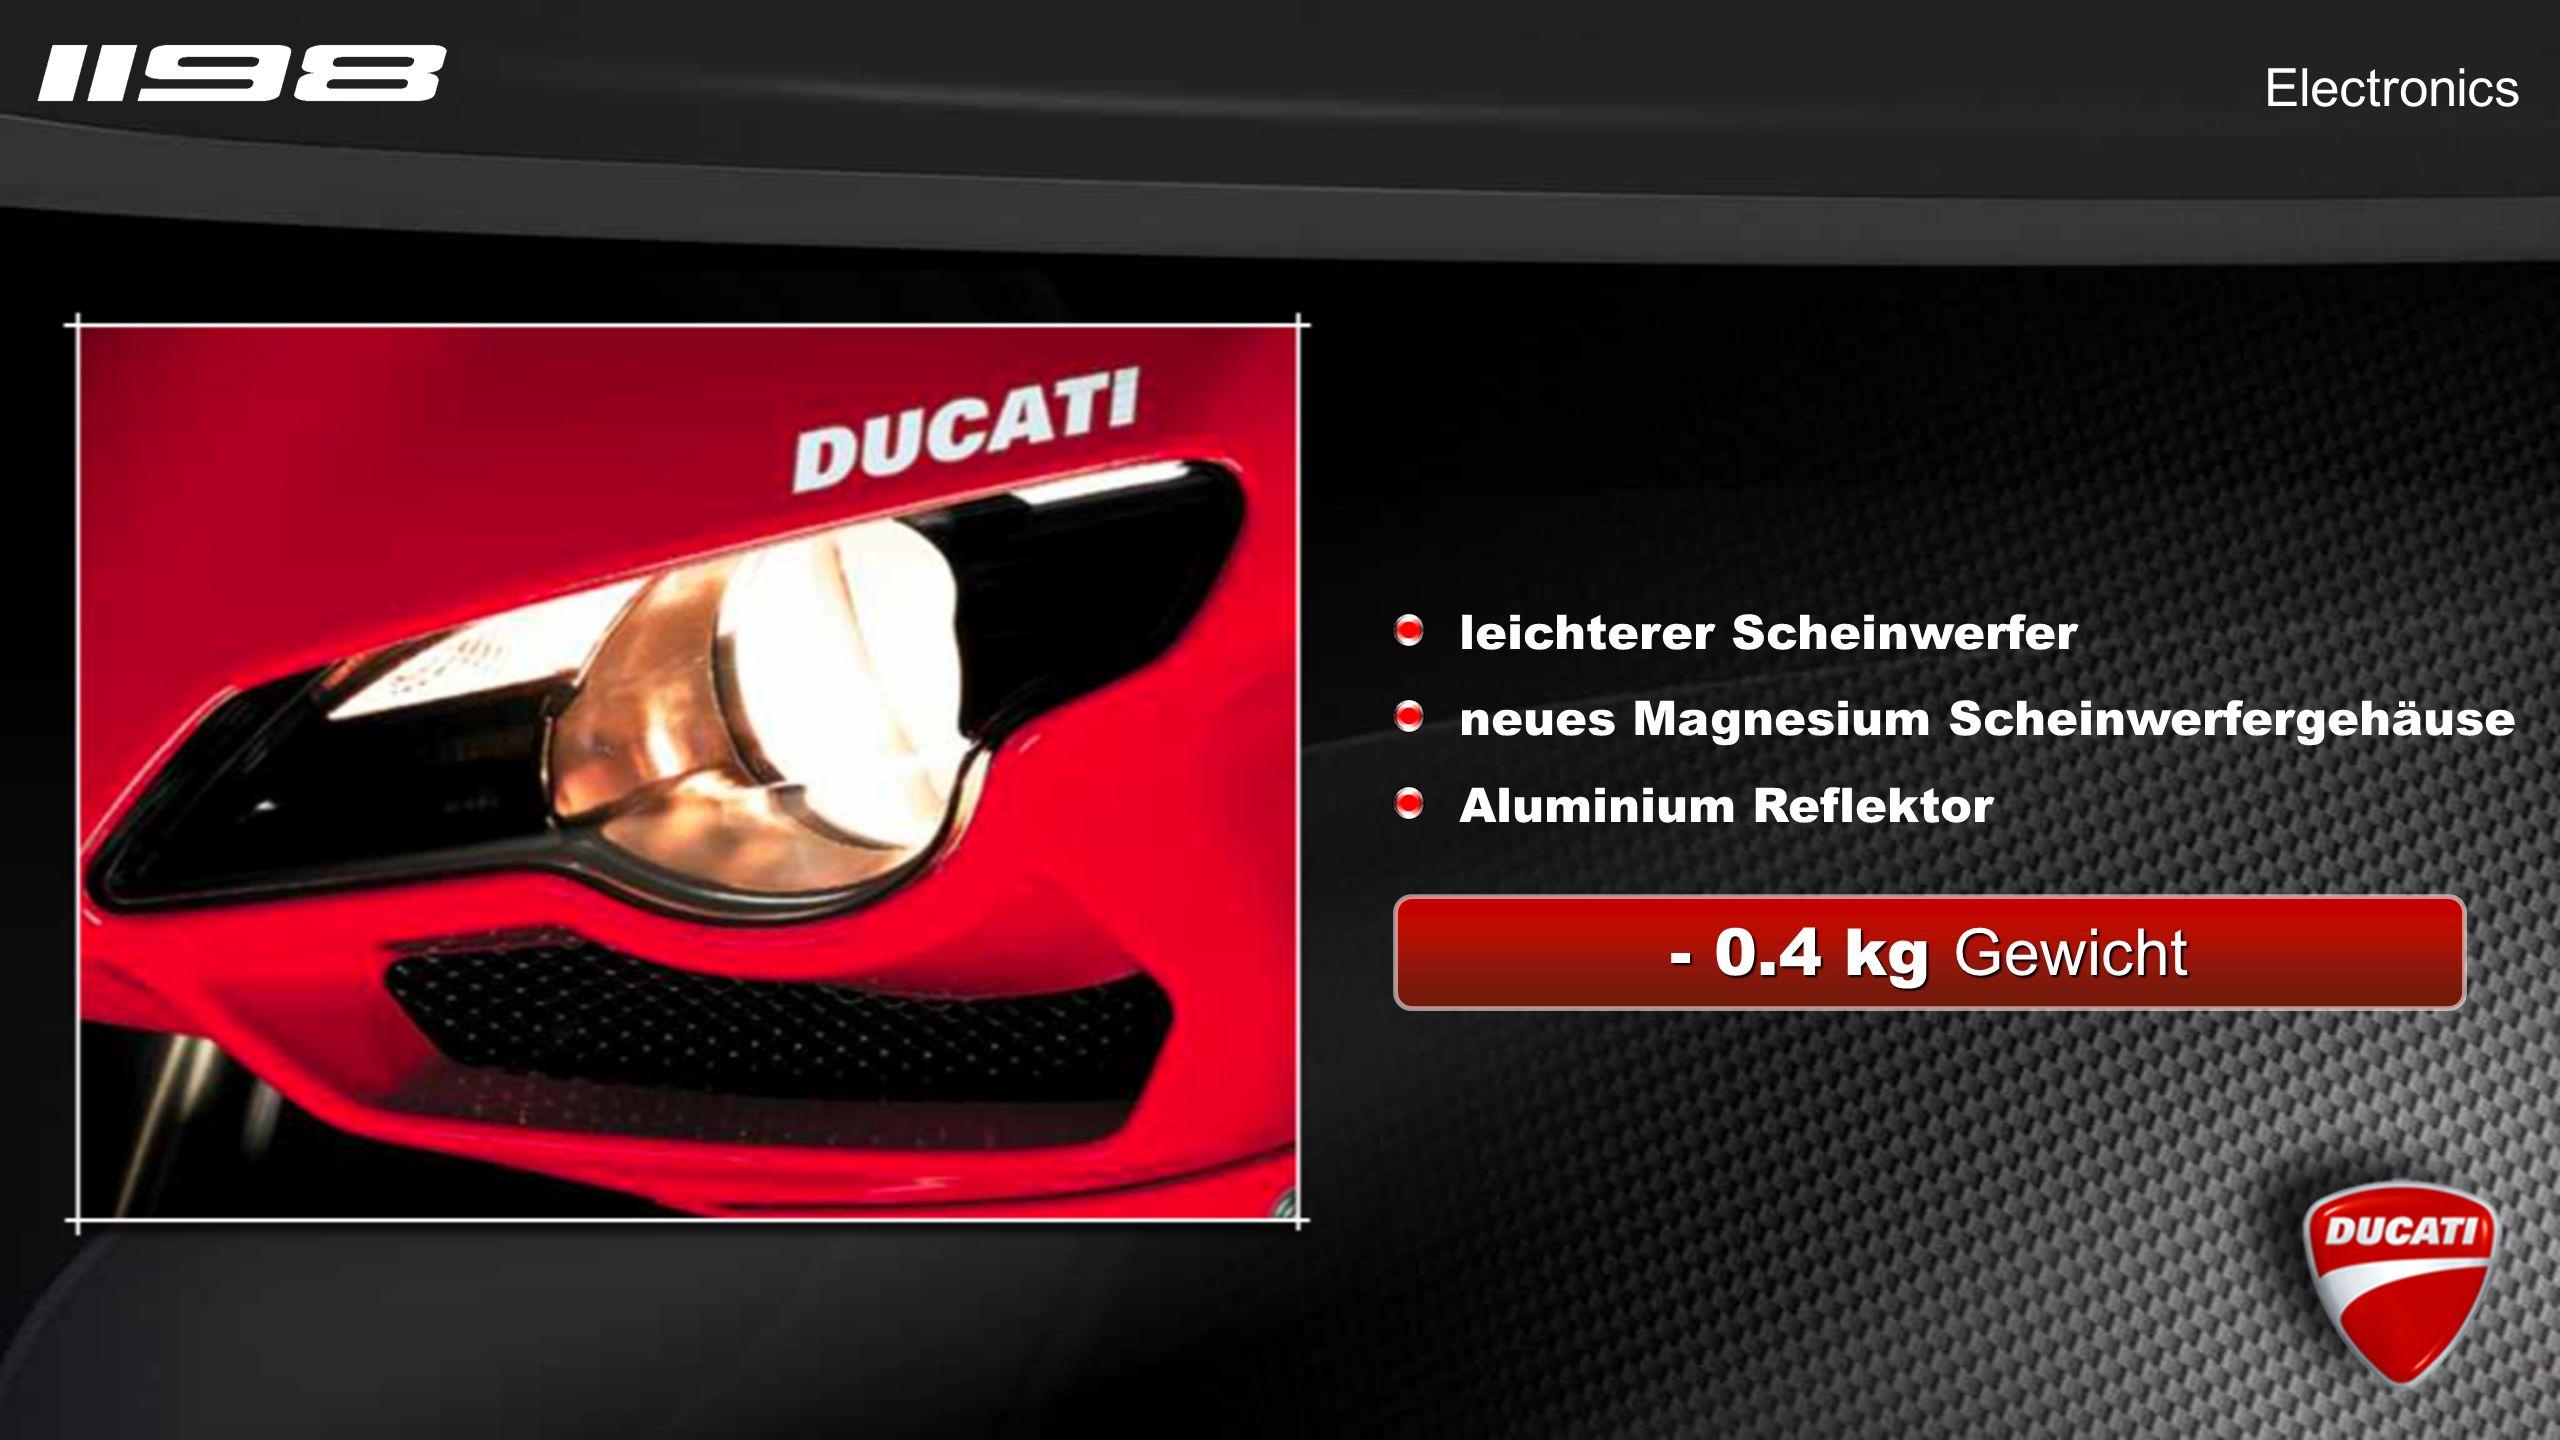 - 0.4 kg Gewicht Electronics leichterer Scheinwerfer neues Magnesium Scheinwerfergehäuse Aluminium Reflektor